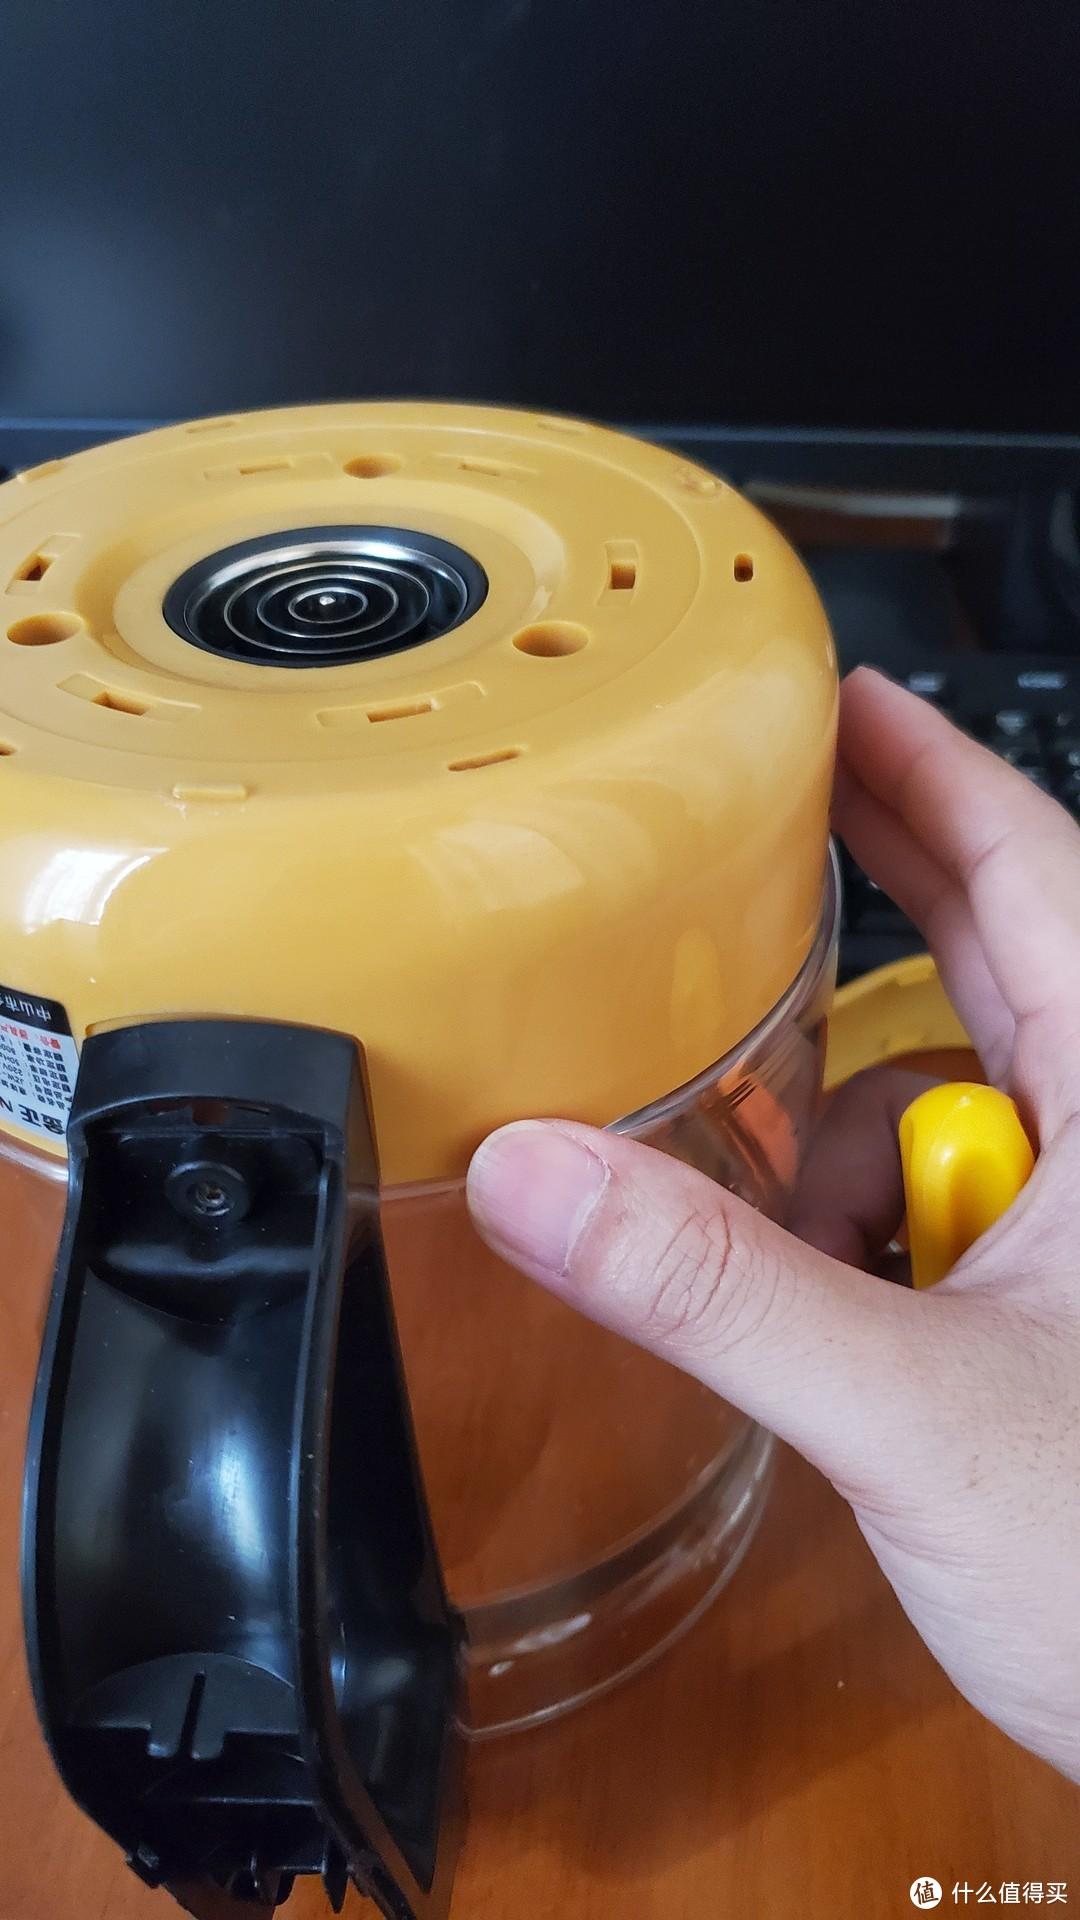 然后固定好连接器上座,把底座黄色的部分盖回去,调整好手柄的位置正对壶嘴。这时才彻底拧好加热盘的三颗固定螺丝。这两张图是我都装好了才发现位置不对,又拆开来调整拍的。